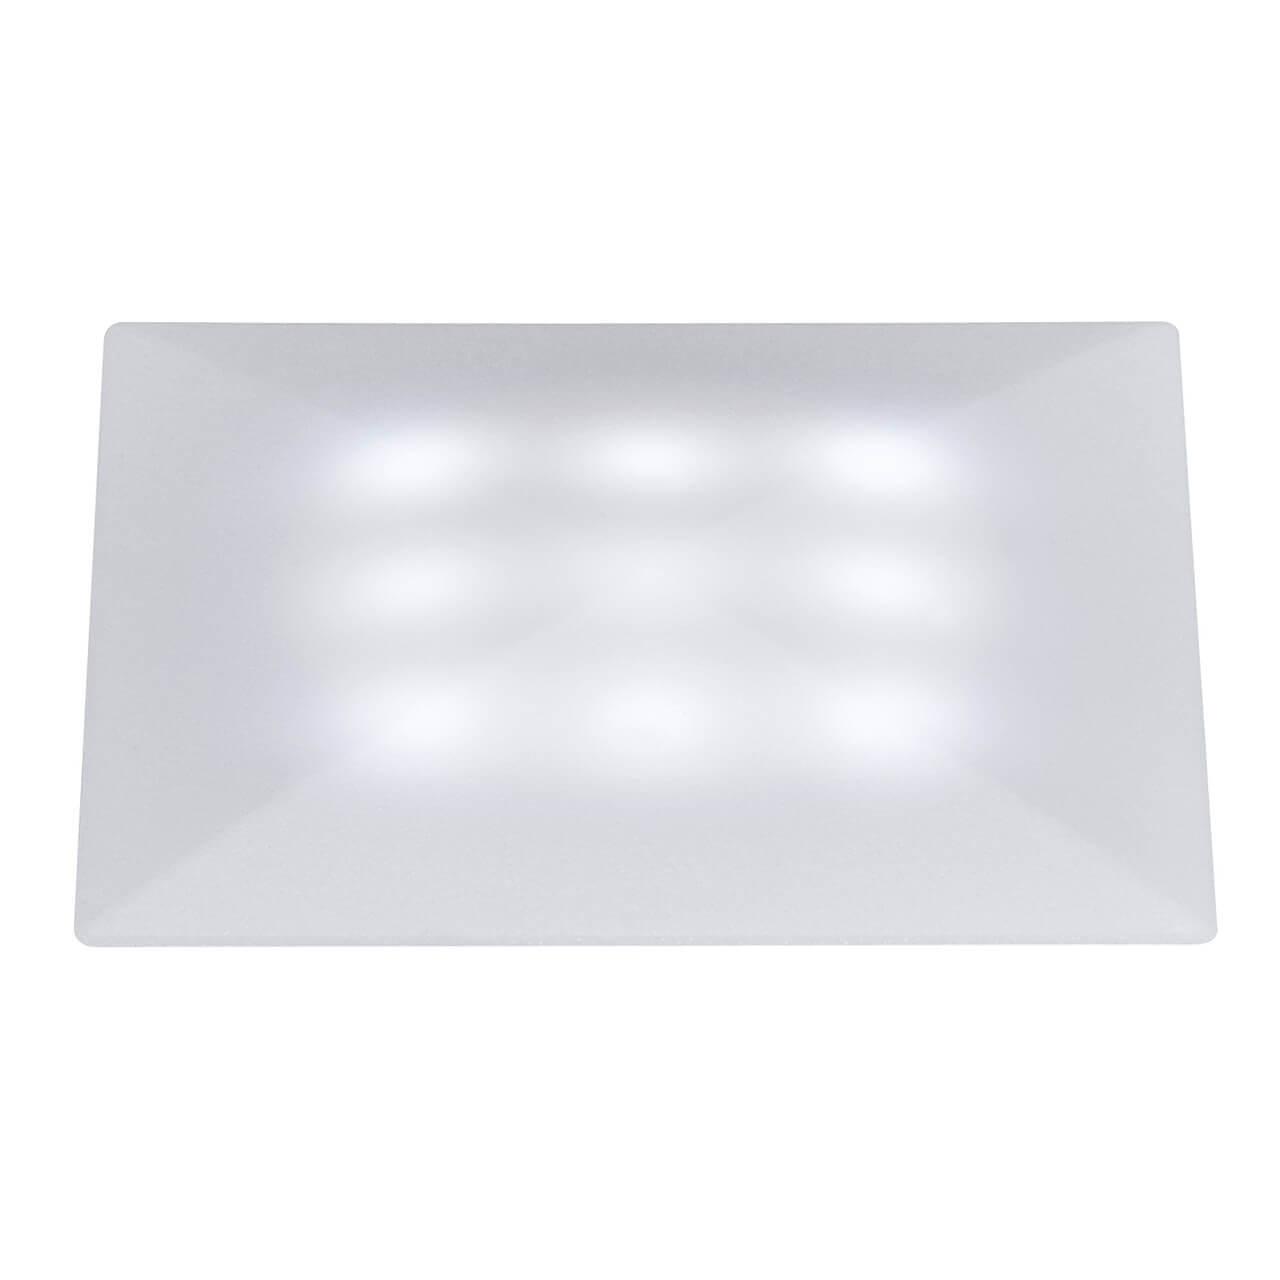 Ландшафтный светодиодный светильник Paulmann UpDownlight Quadro 98862 все цены